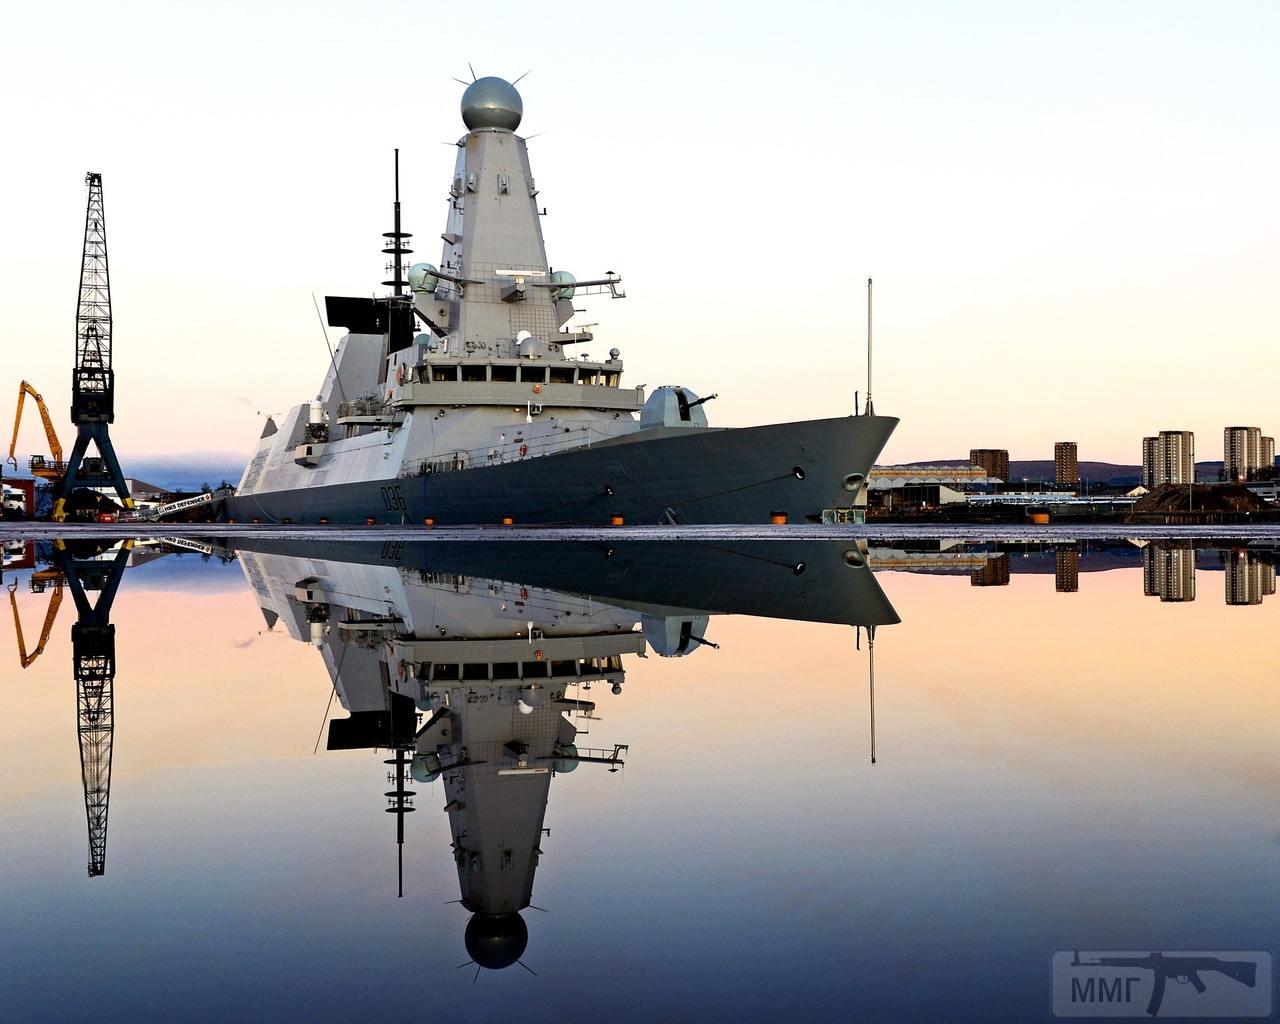 52264 - Royal Navy - все, что не входит в соседнюю тему.